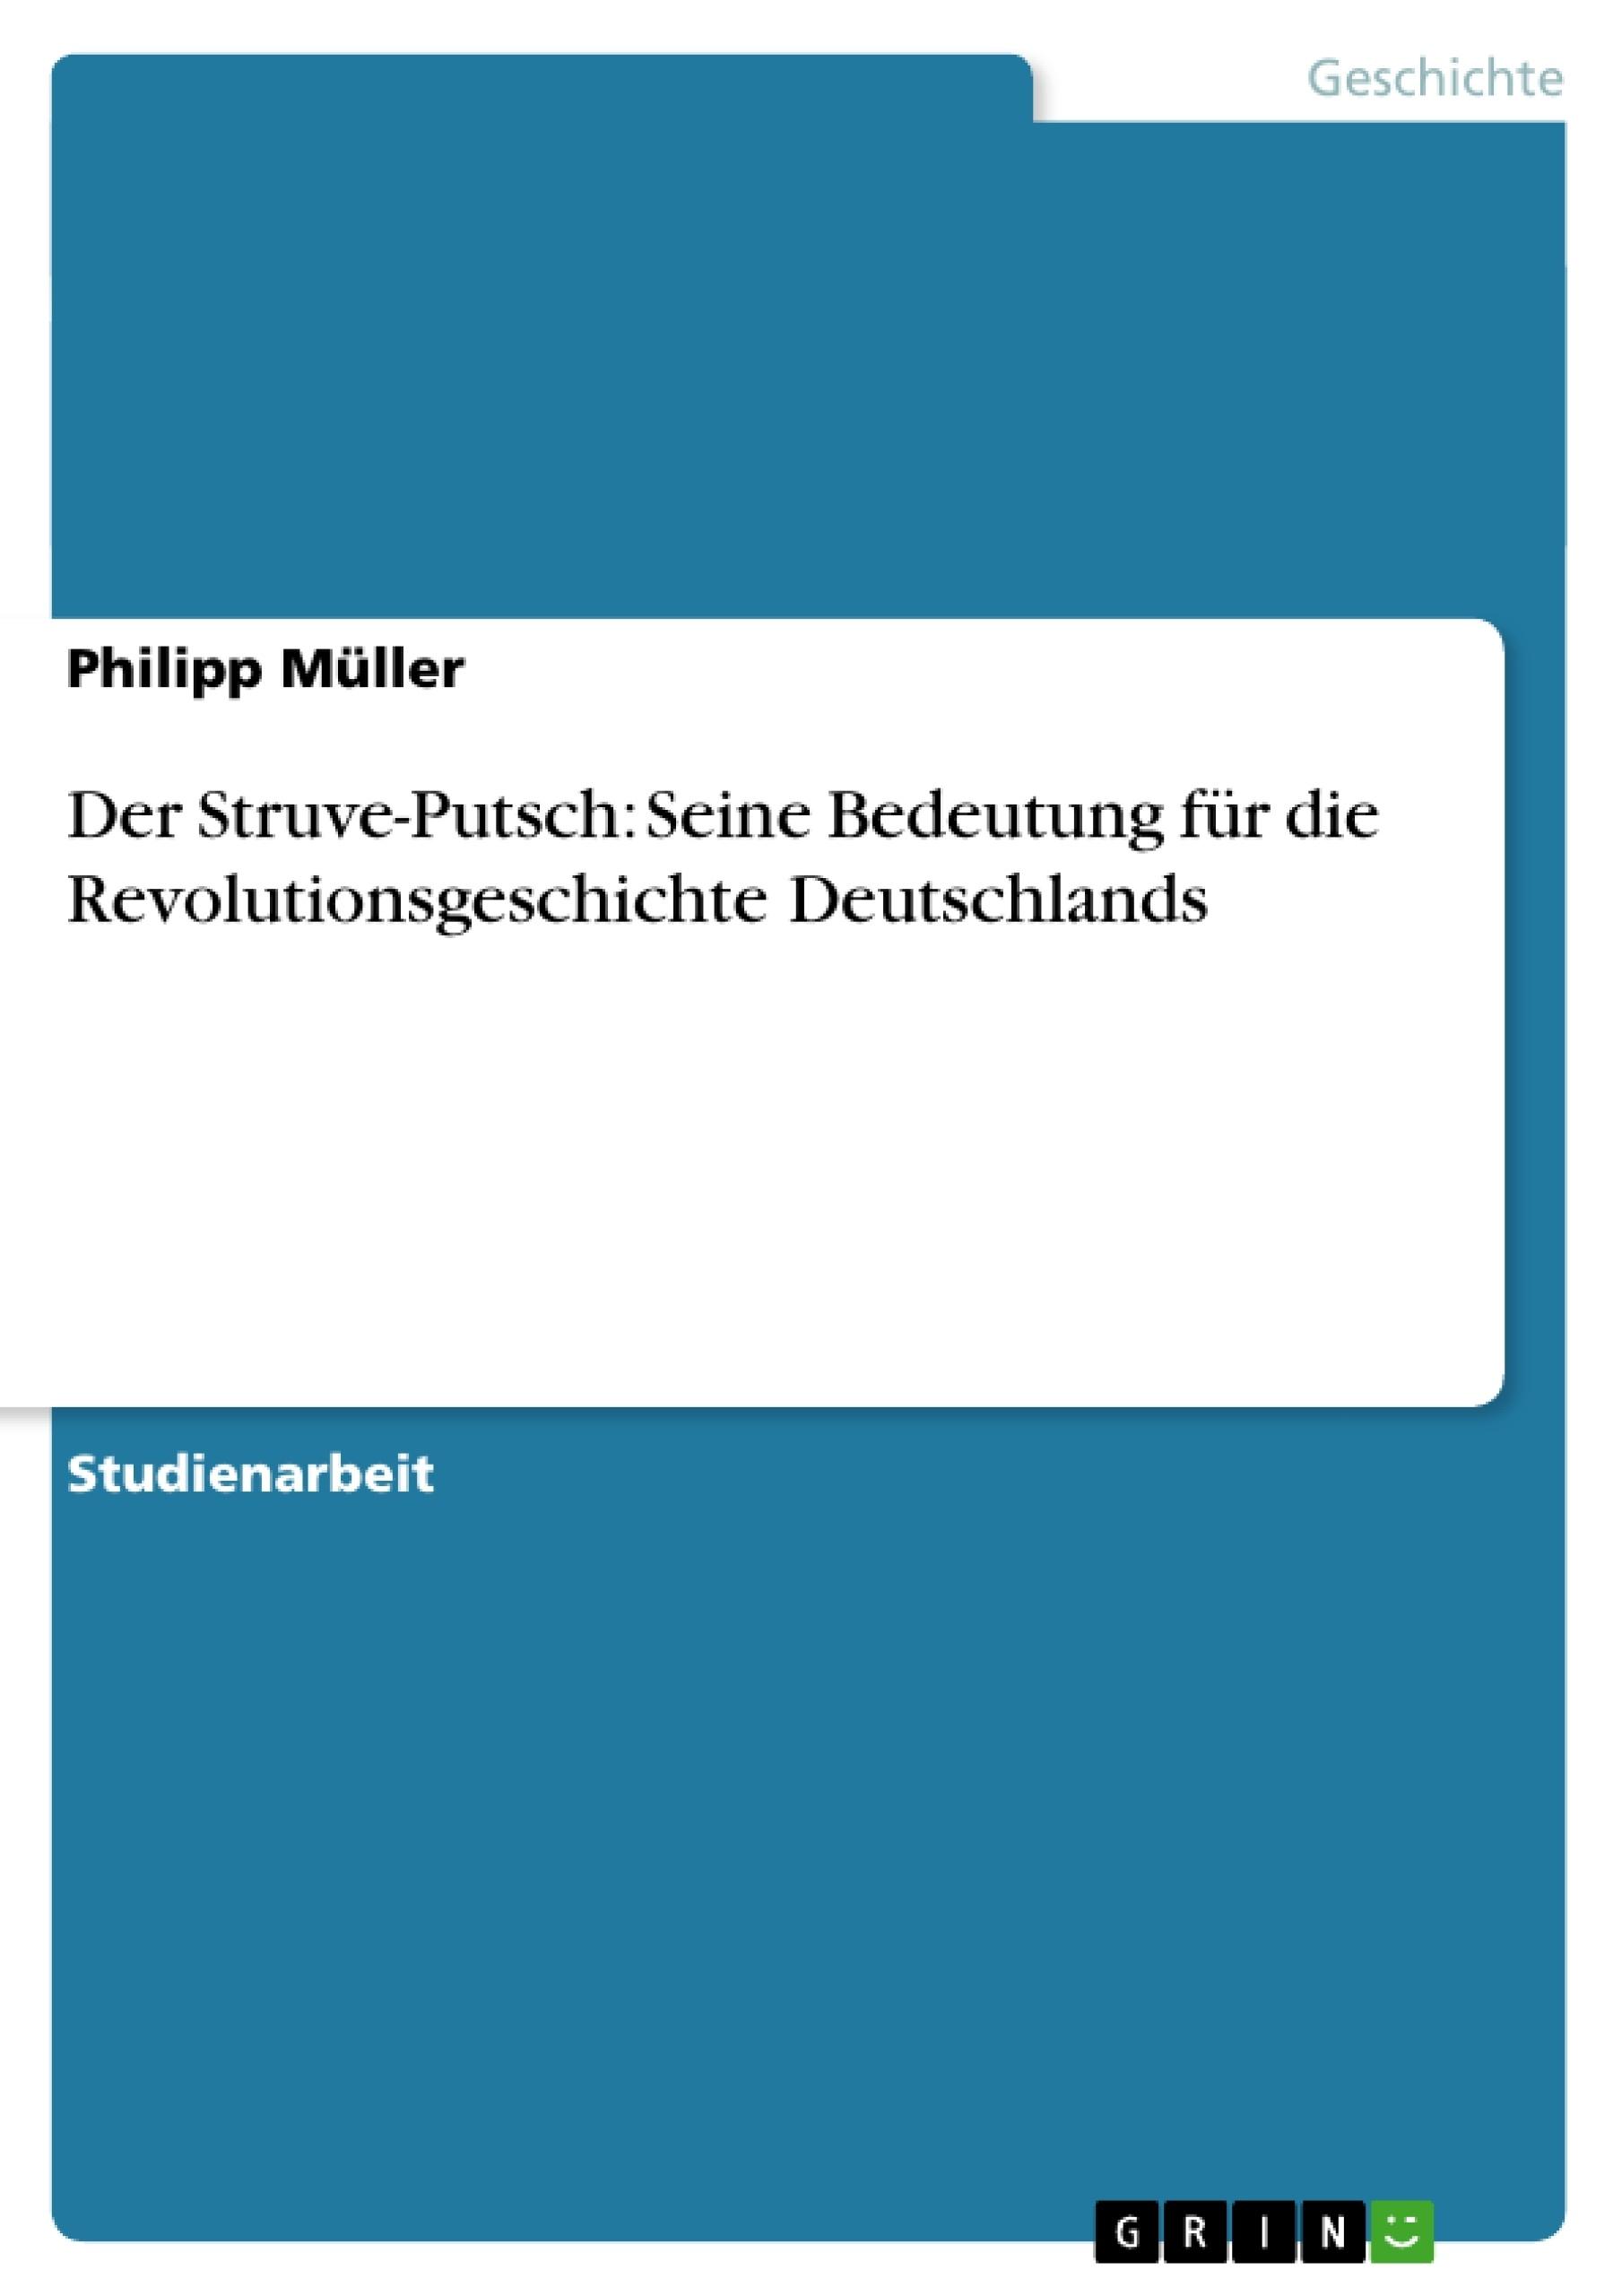 Titel: Der Struve-Putsch: Seine Bedeutung für die Revolutionsgeschichte Deutschlands